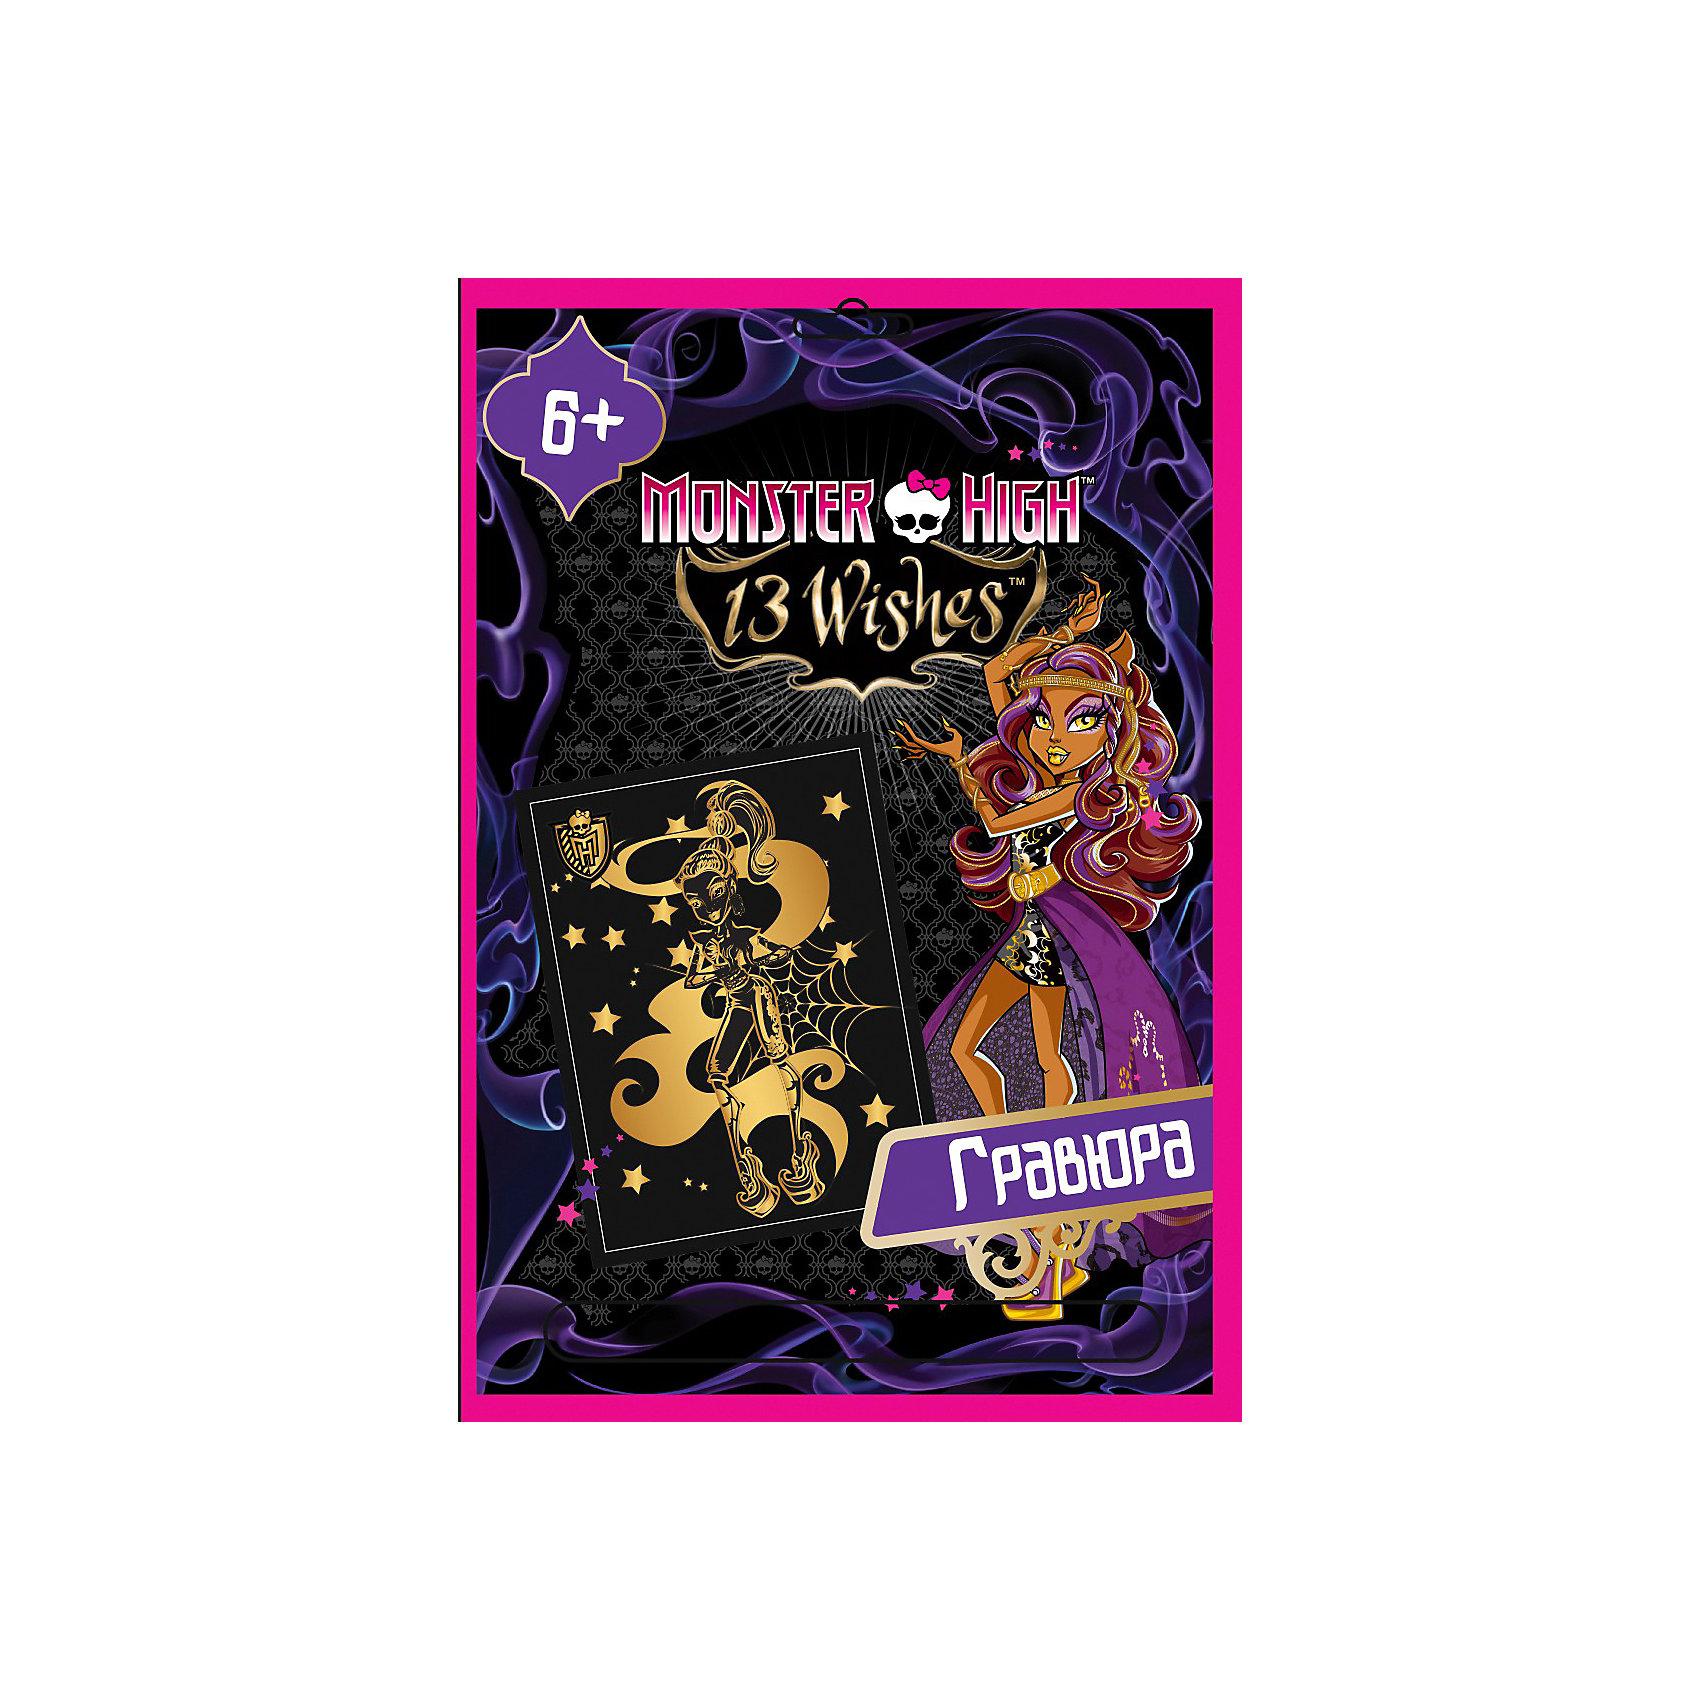 Гравюра Клодин Вульф, Monster High, CENTRUMГравюра Клодин Вульф, Monster High, CENTRUM (Центрум) – этот набор для творчества придется по душе маленьким фантазерам и поклонникам сериала Школа Монстров.<br>Гравюра Клодин Вульф с металлическим эффектом под золото  содержит в комплекте основу с нанесенным контуром и специальный штихель. Контур рисунка уже нанесен на черный фон. С помощью специального штихеля изображение процарапывается, и из-под слоя краски появляется золотистая основа. В результате получается контрастный рисунок с изображением Клодина Вульфа. Работа над гравюрой развивает творческие способности ребенка, а также тренирует аккуратность, усидчивость и внимательность. Работа со штихелем готовит руку ребенка к письму.<br><br>Дополнительная информация:<br><br>-Размер: 24х18 см.<br>-В наборе: основа c нанесенным контуром рисунка, штихель, инструкция<br><br>Гравюру Клодин Вульф, Monster High, CENTRUM (Центрум) можно купить в нашем интернет-магазине.<br><br>Ширина мм: 15<br>Глубина мм: 300<br>Высота мм: 205<br>Вес г: 100<br>Возраст от месяцев: 84<br>Возраст до месяцев: 108<br>Пол: Женский<br>Возраст: Детский<br>SKU: 3540529